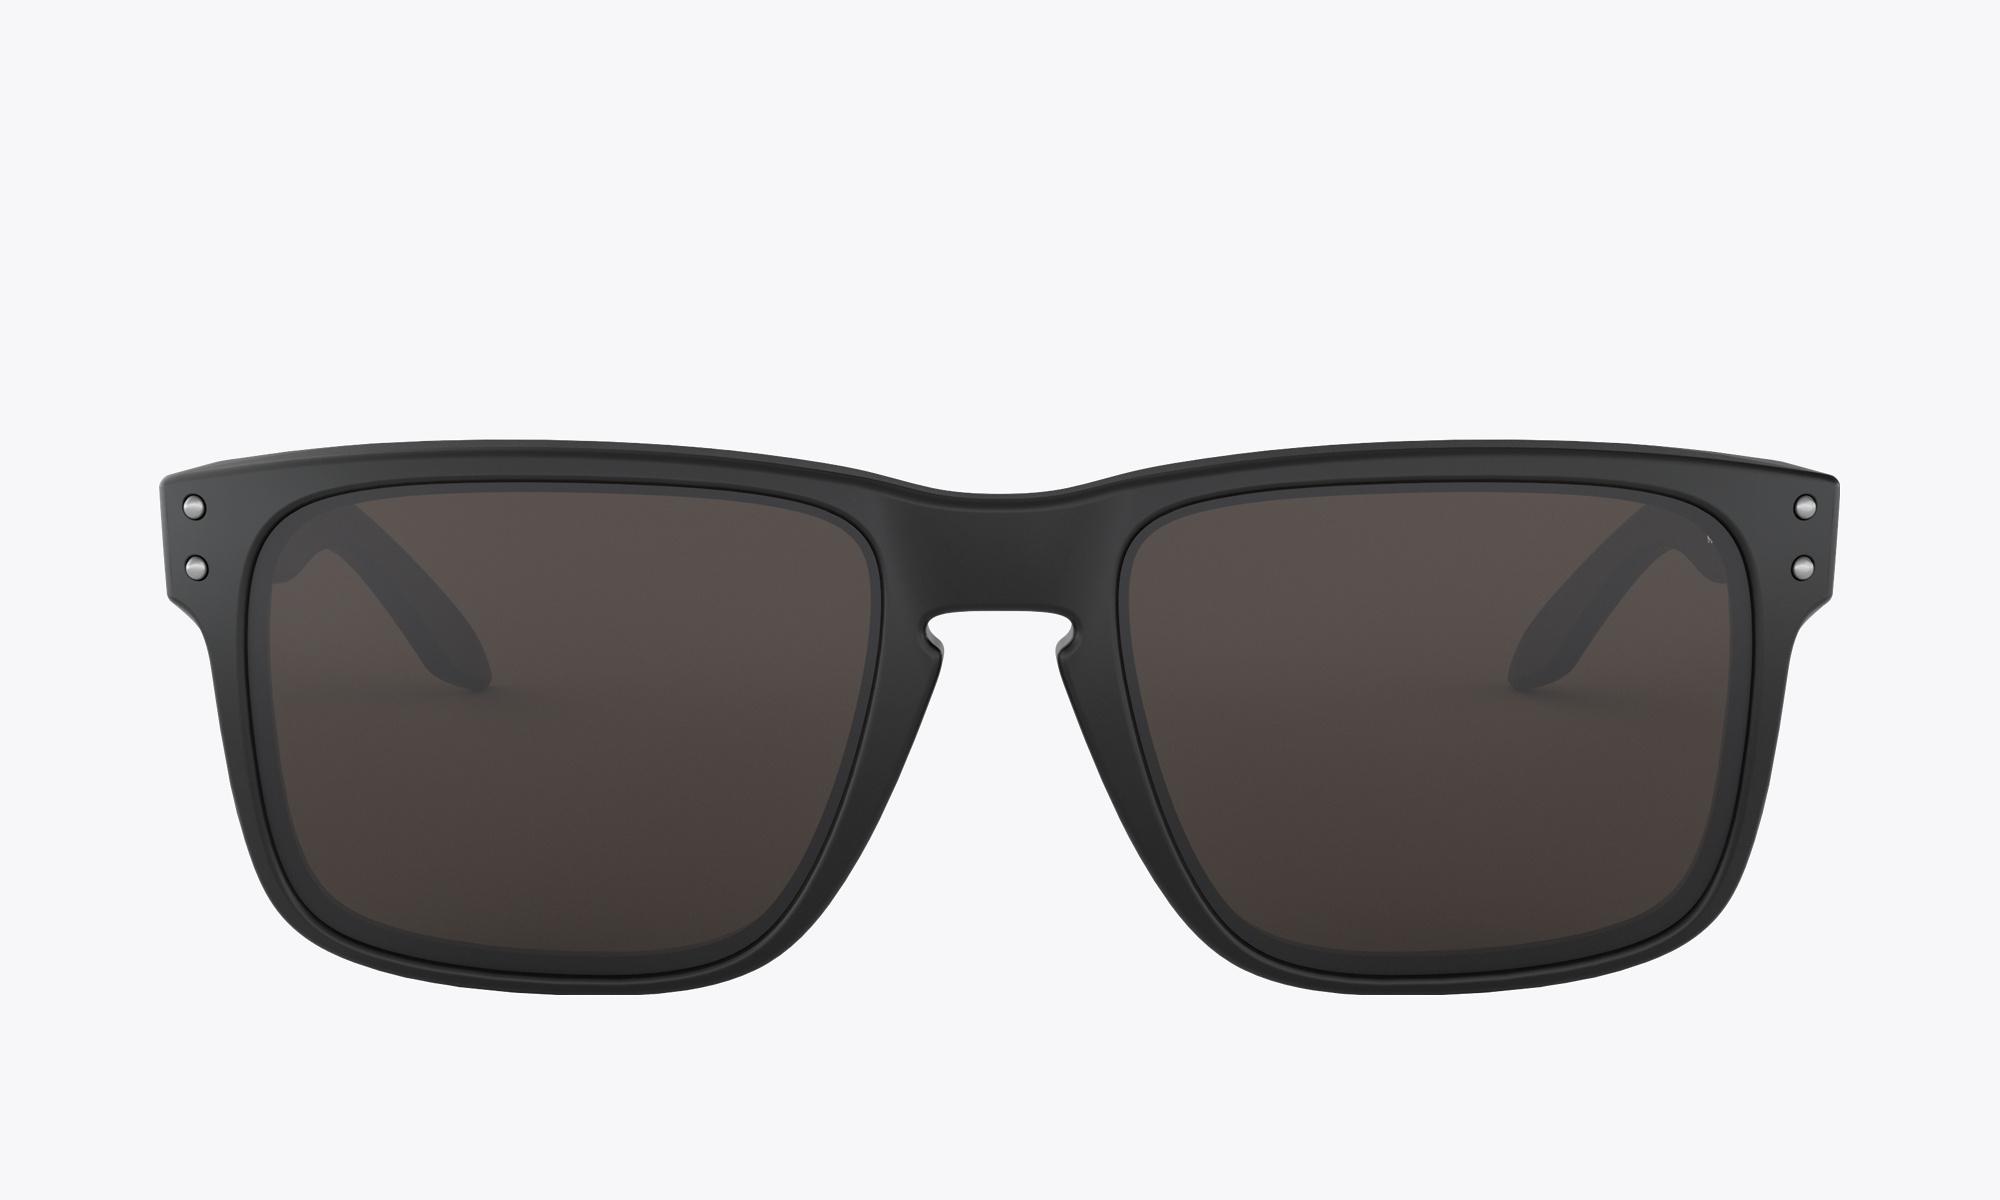 Image of Oakley HOLBROOK color Black